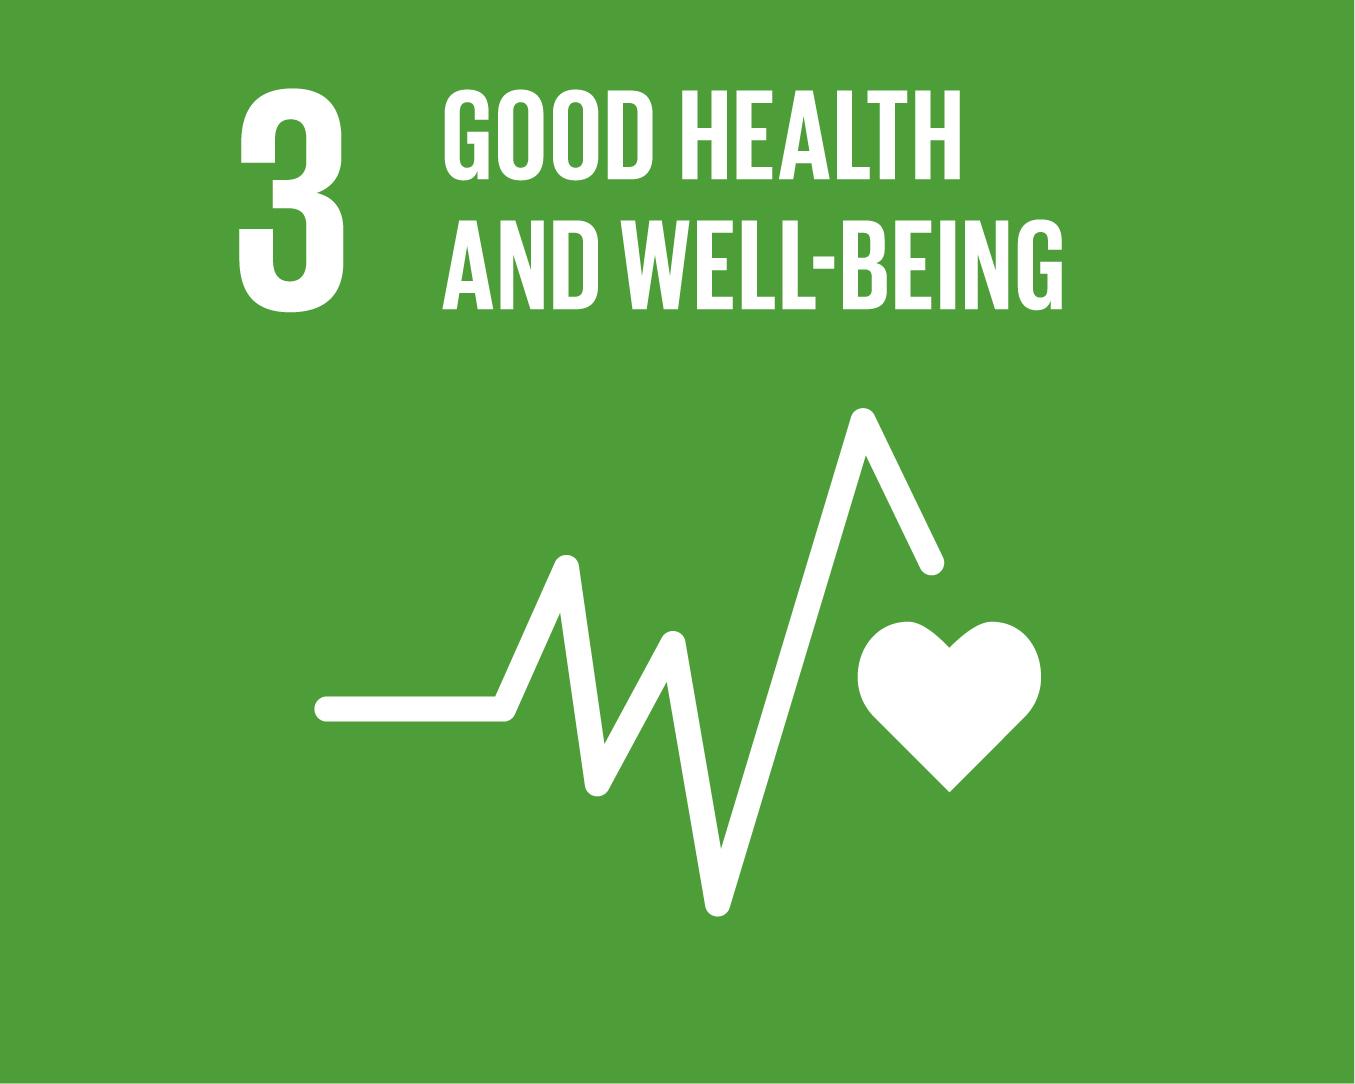 SDGs-03